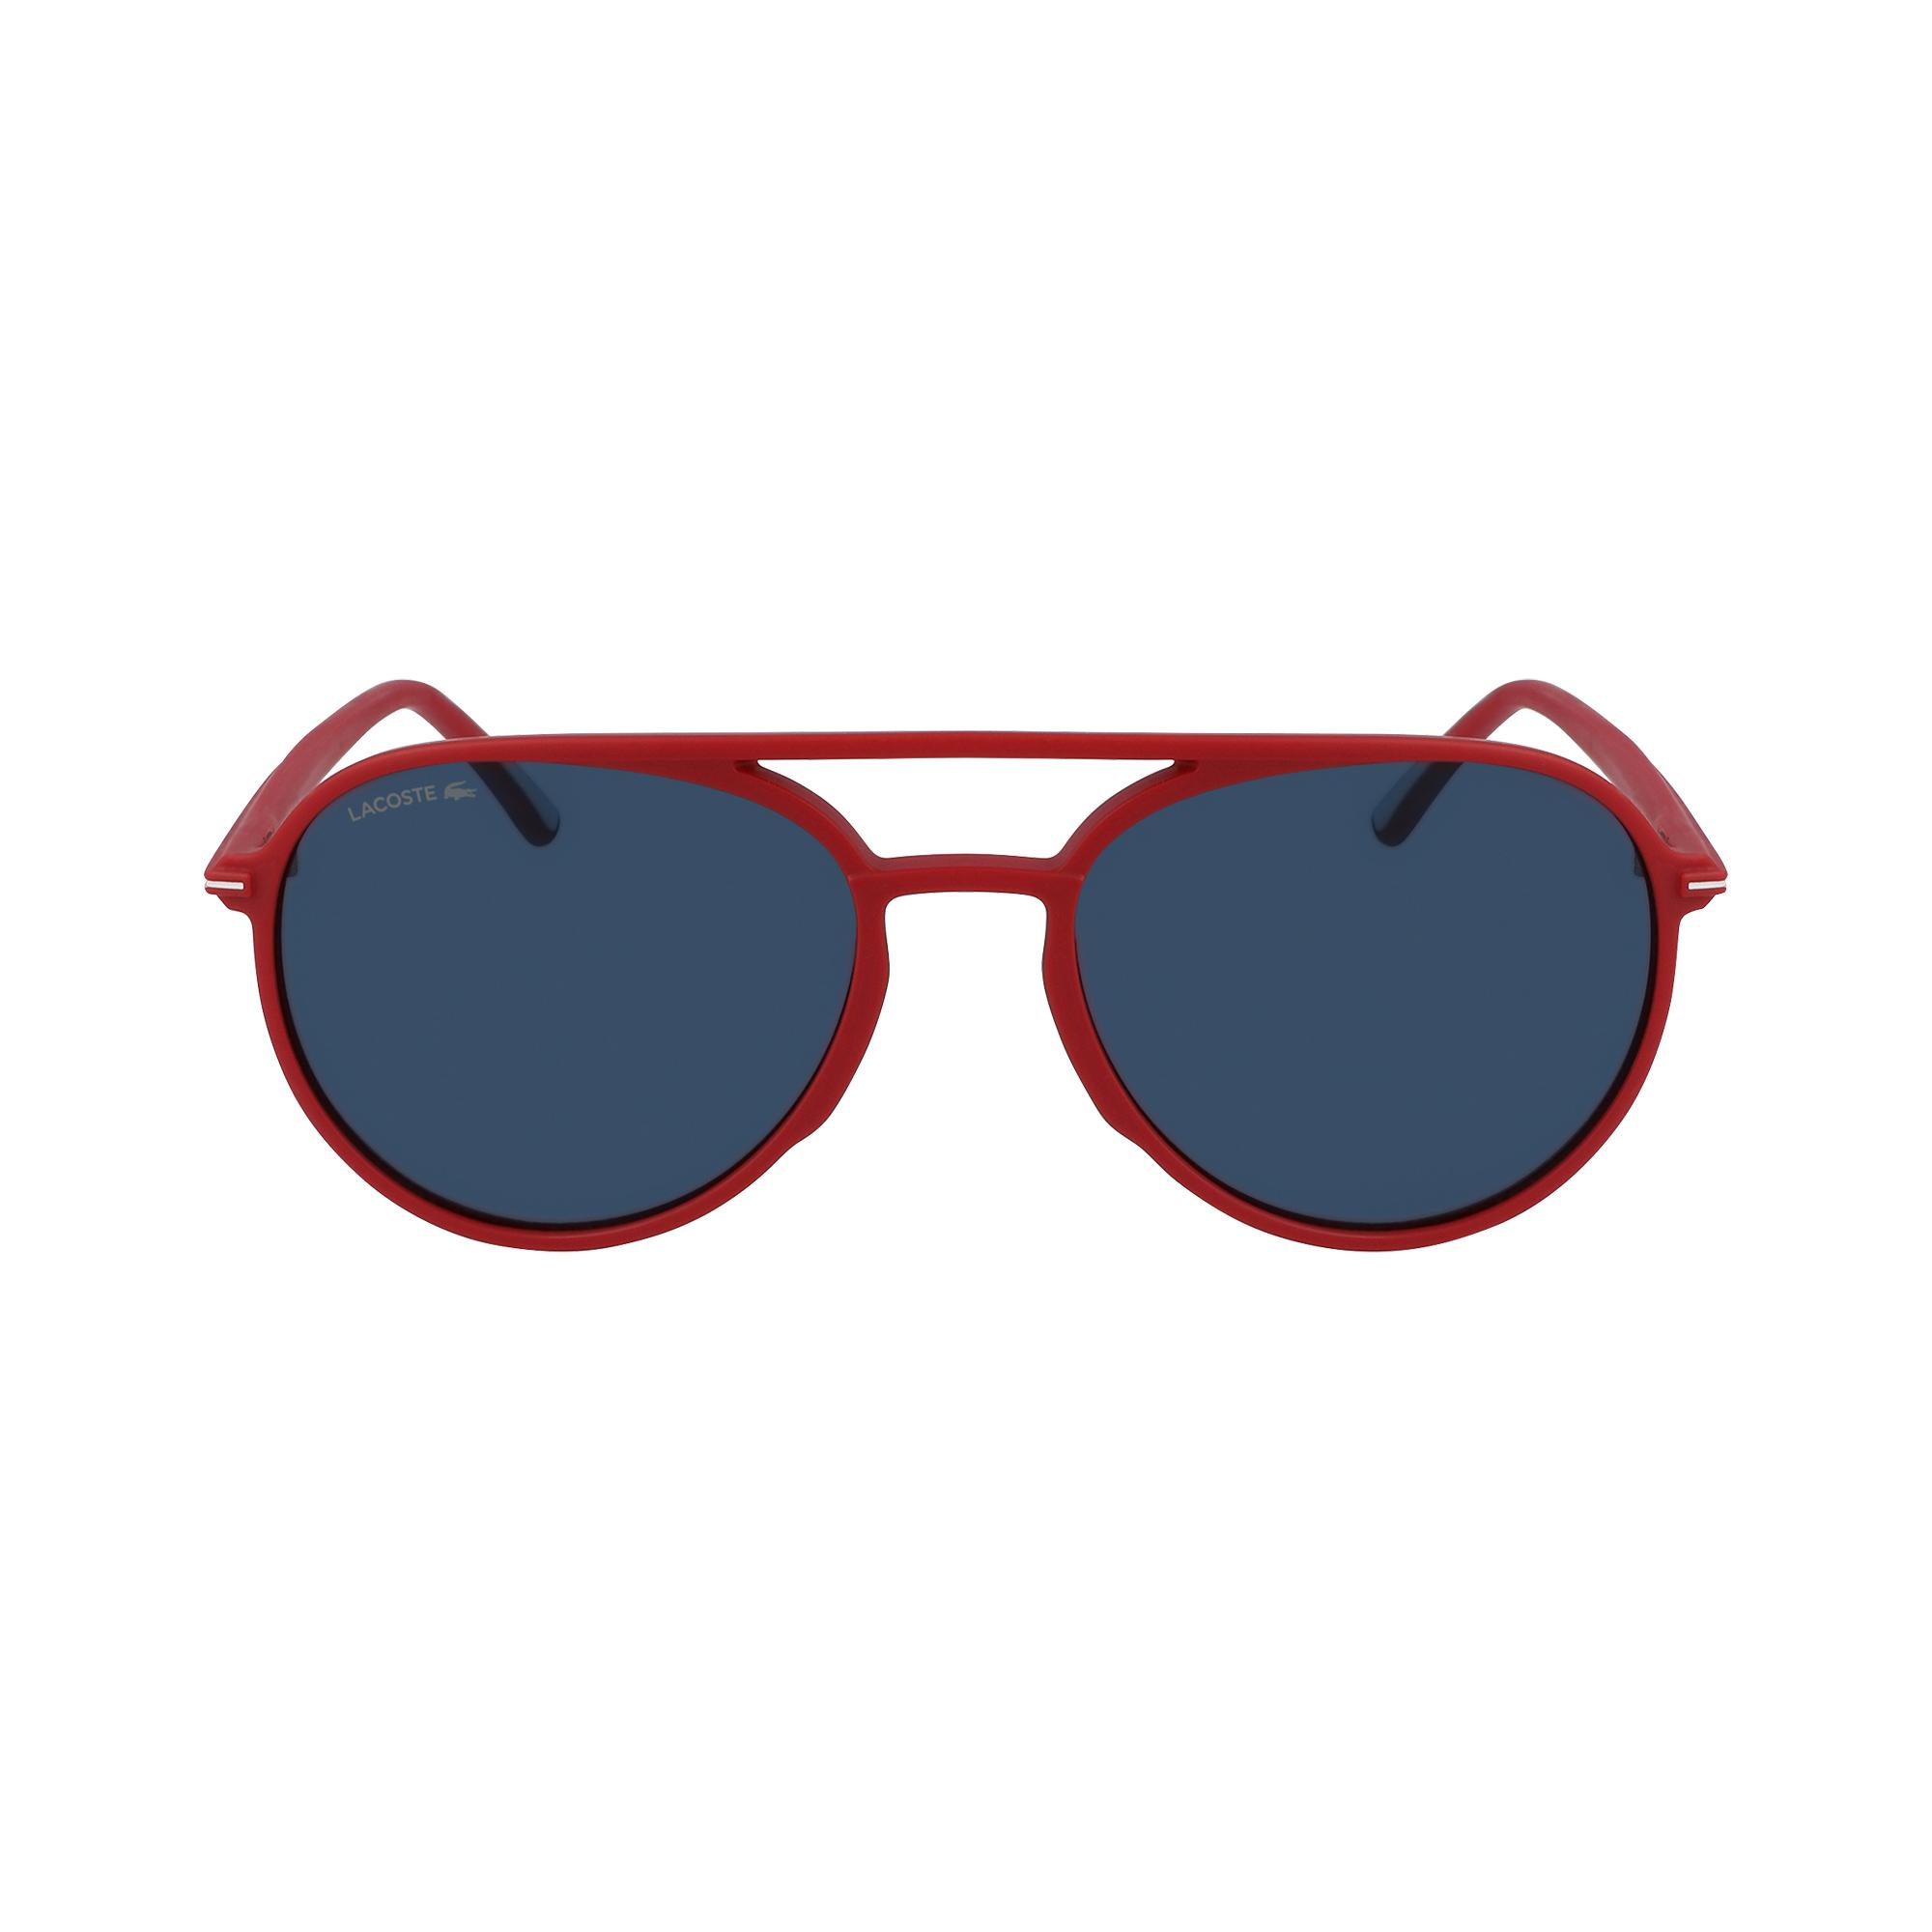 Lacoste Erkek Kırmızı Güneş Gözlüğü